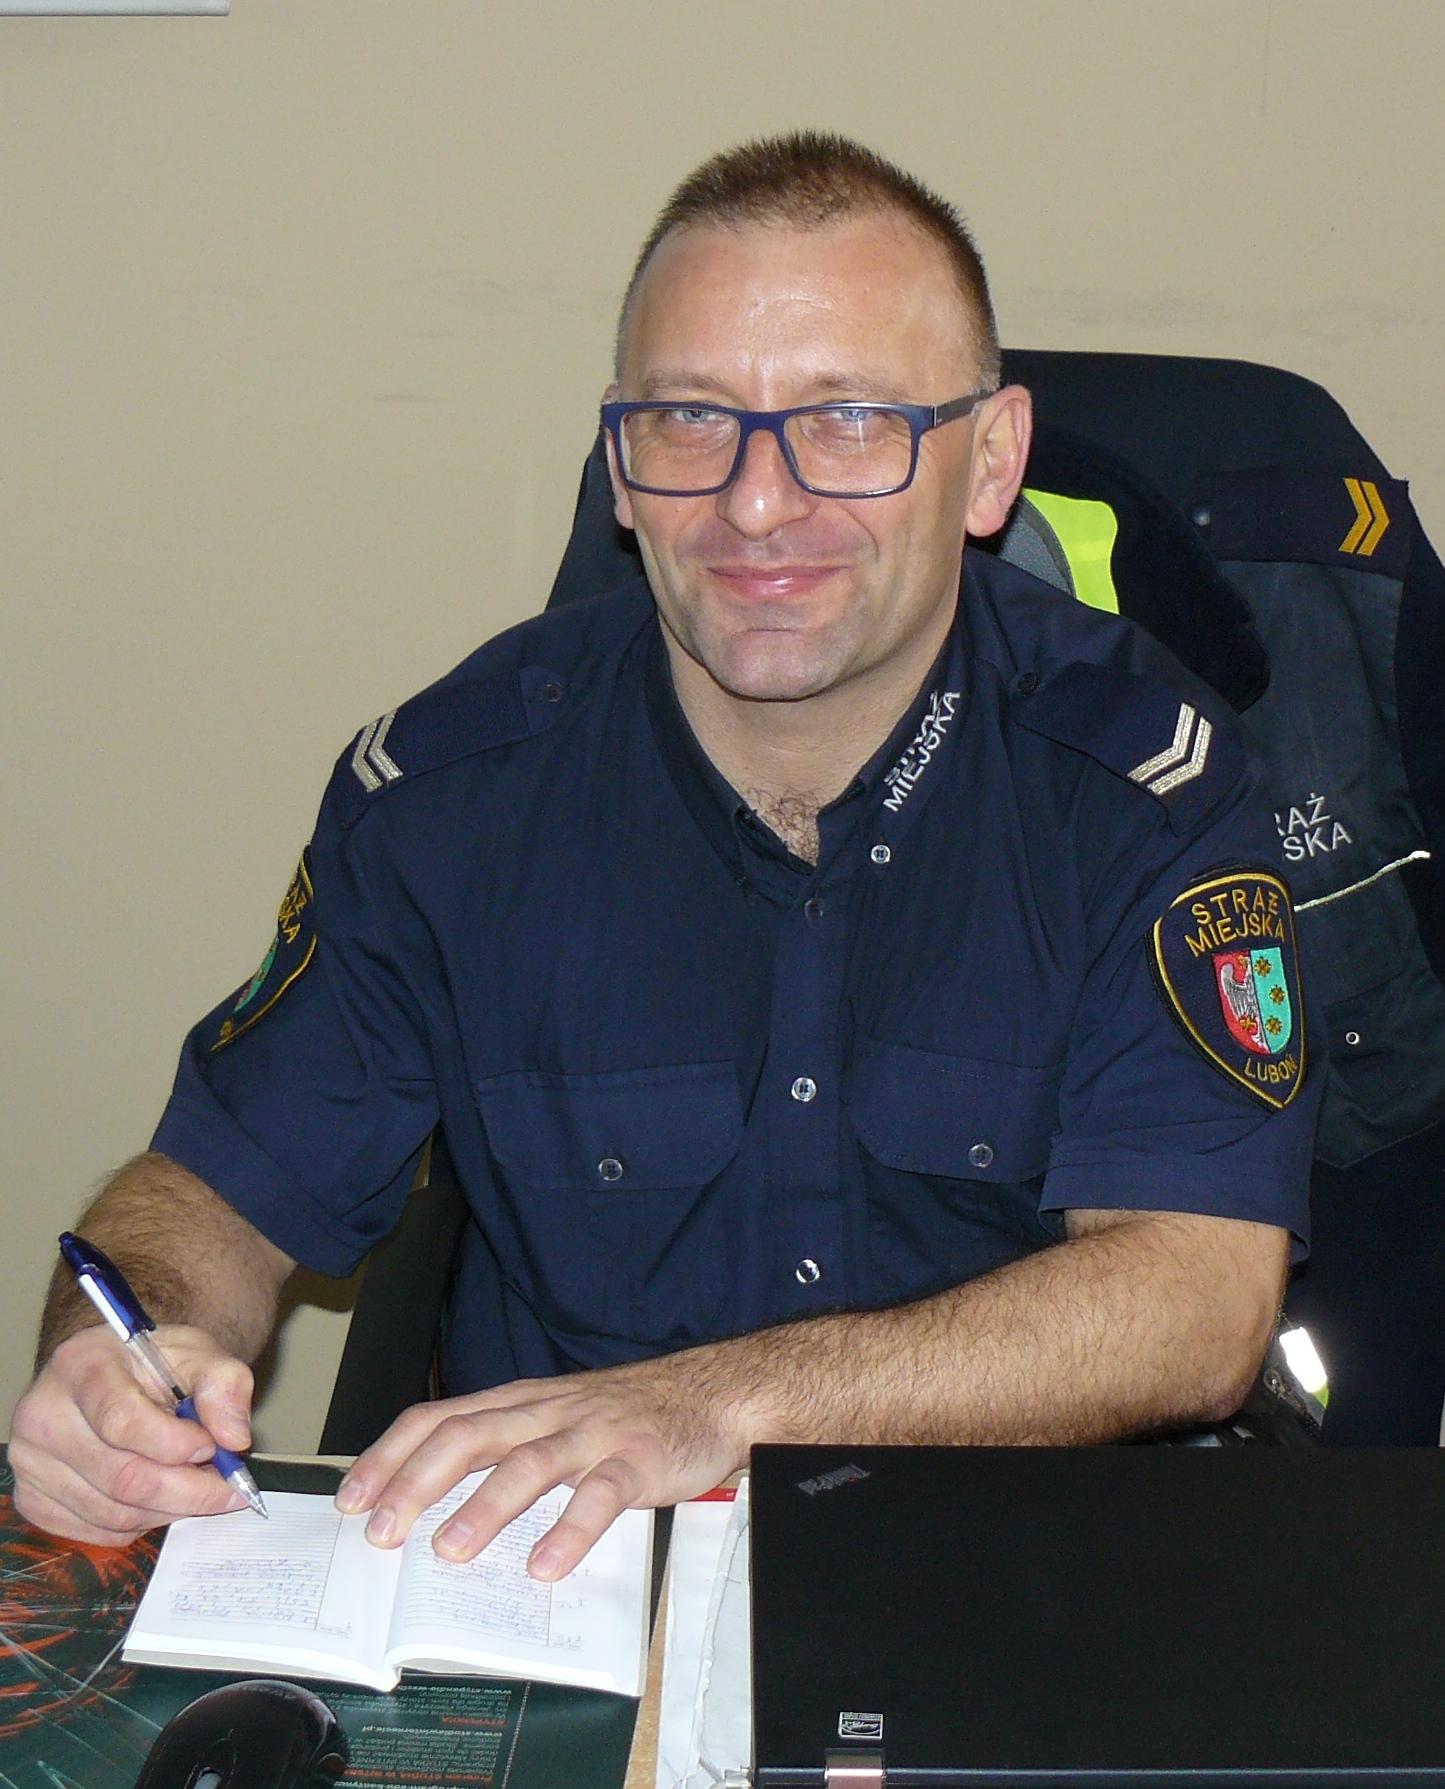 strażnik miejski Jarosław Rajewicz